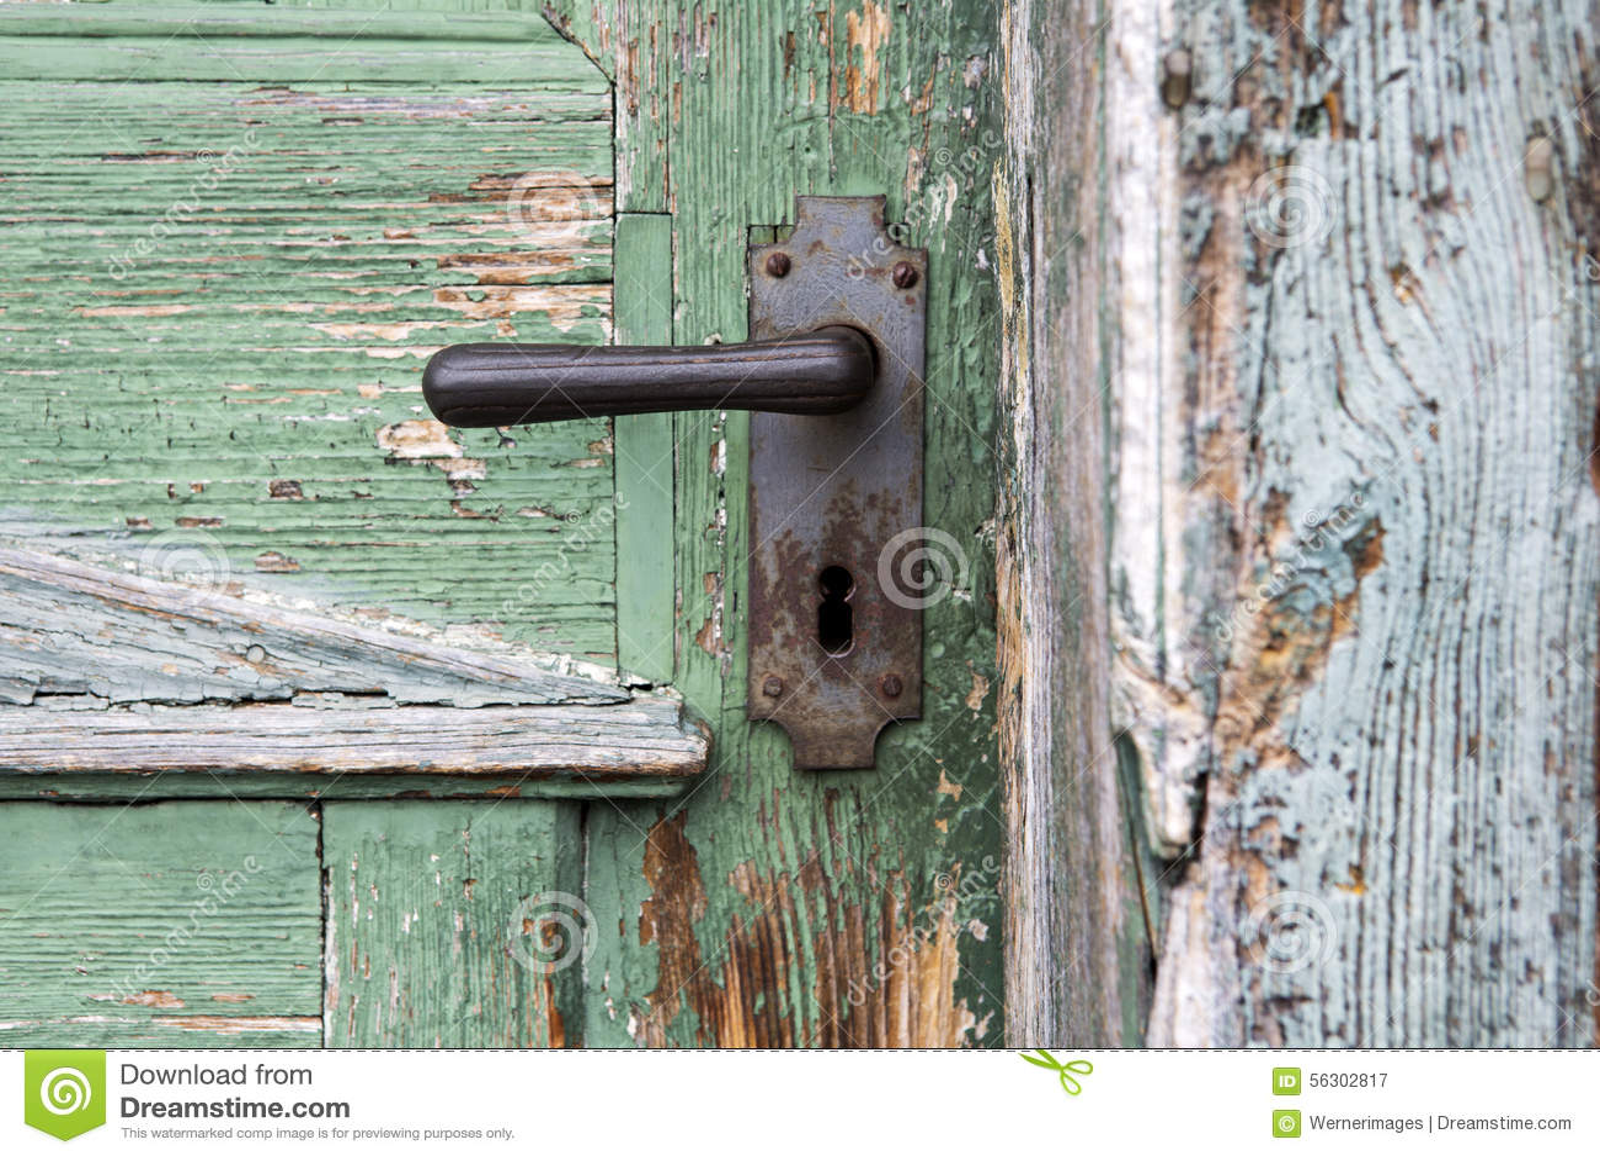 vieille porte d 39 entr e en bois avec la poign e de porte antique image stock image 56302817. Black Bedroom Furniture Sets. Home Design Ideas